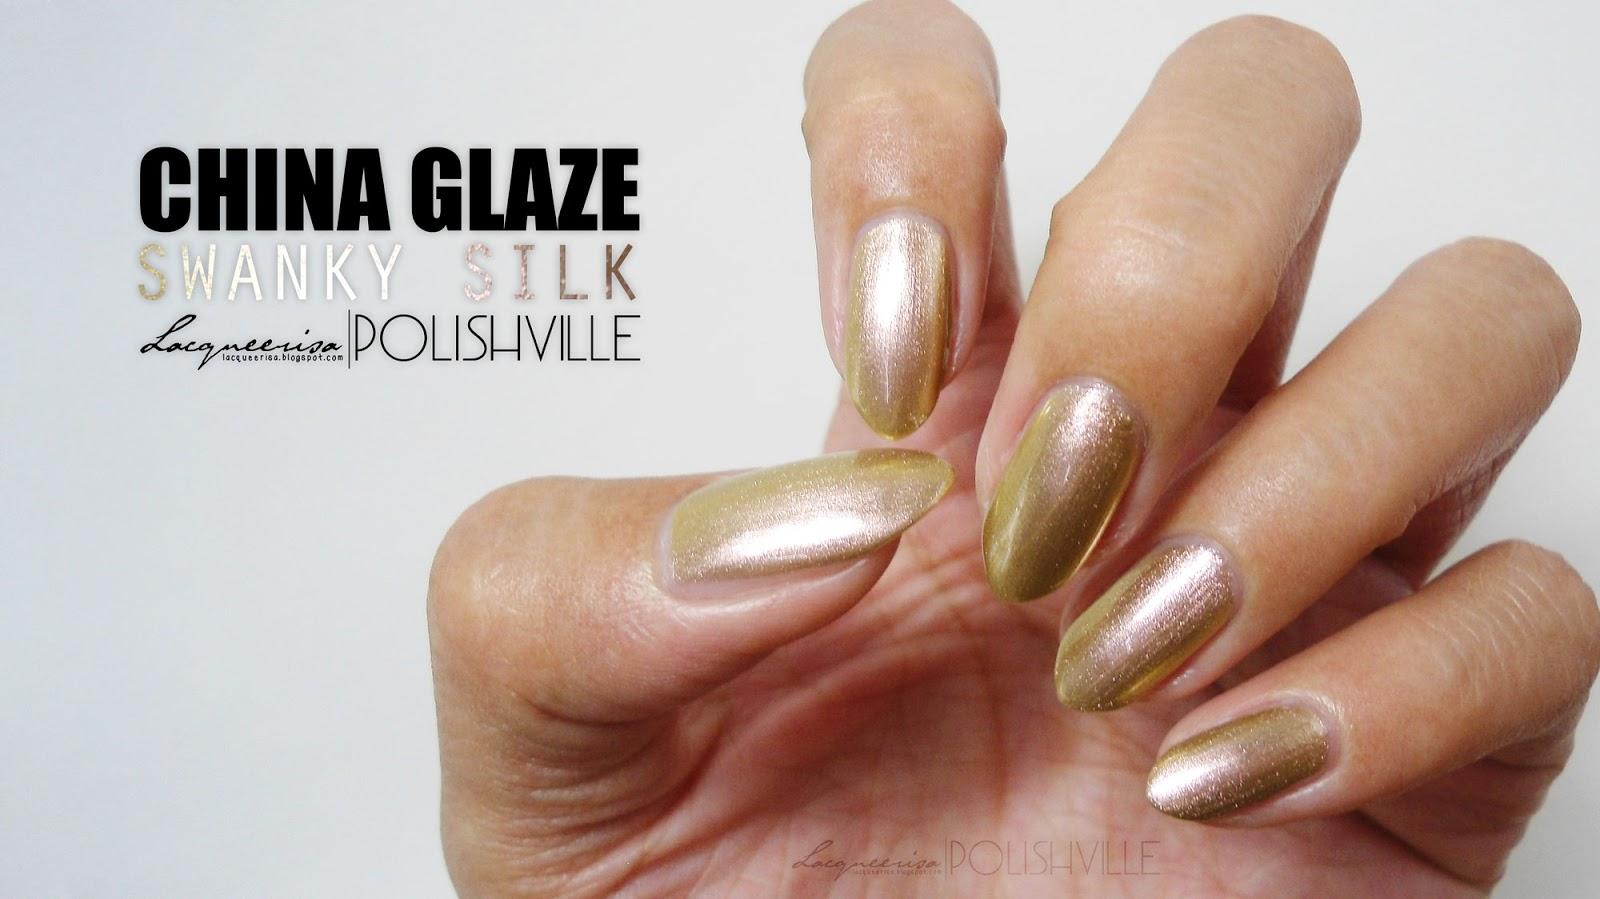 LacqueerisaXPolishville: China Glaze, Swanky Silk